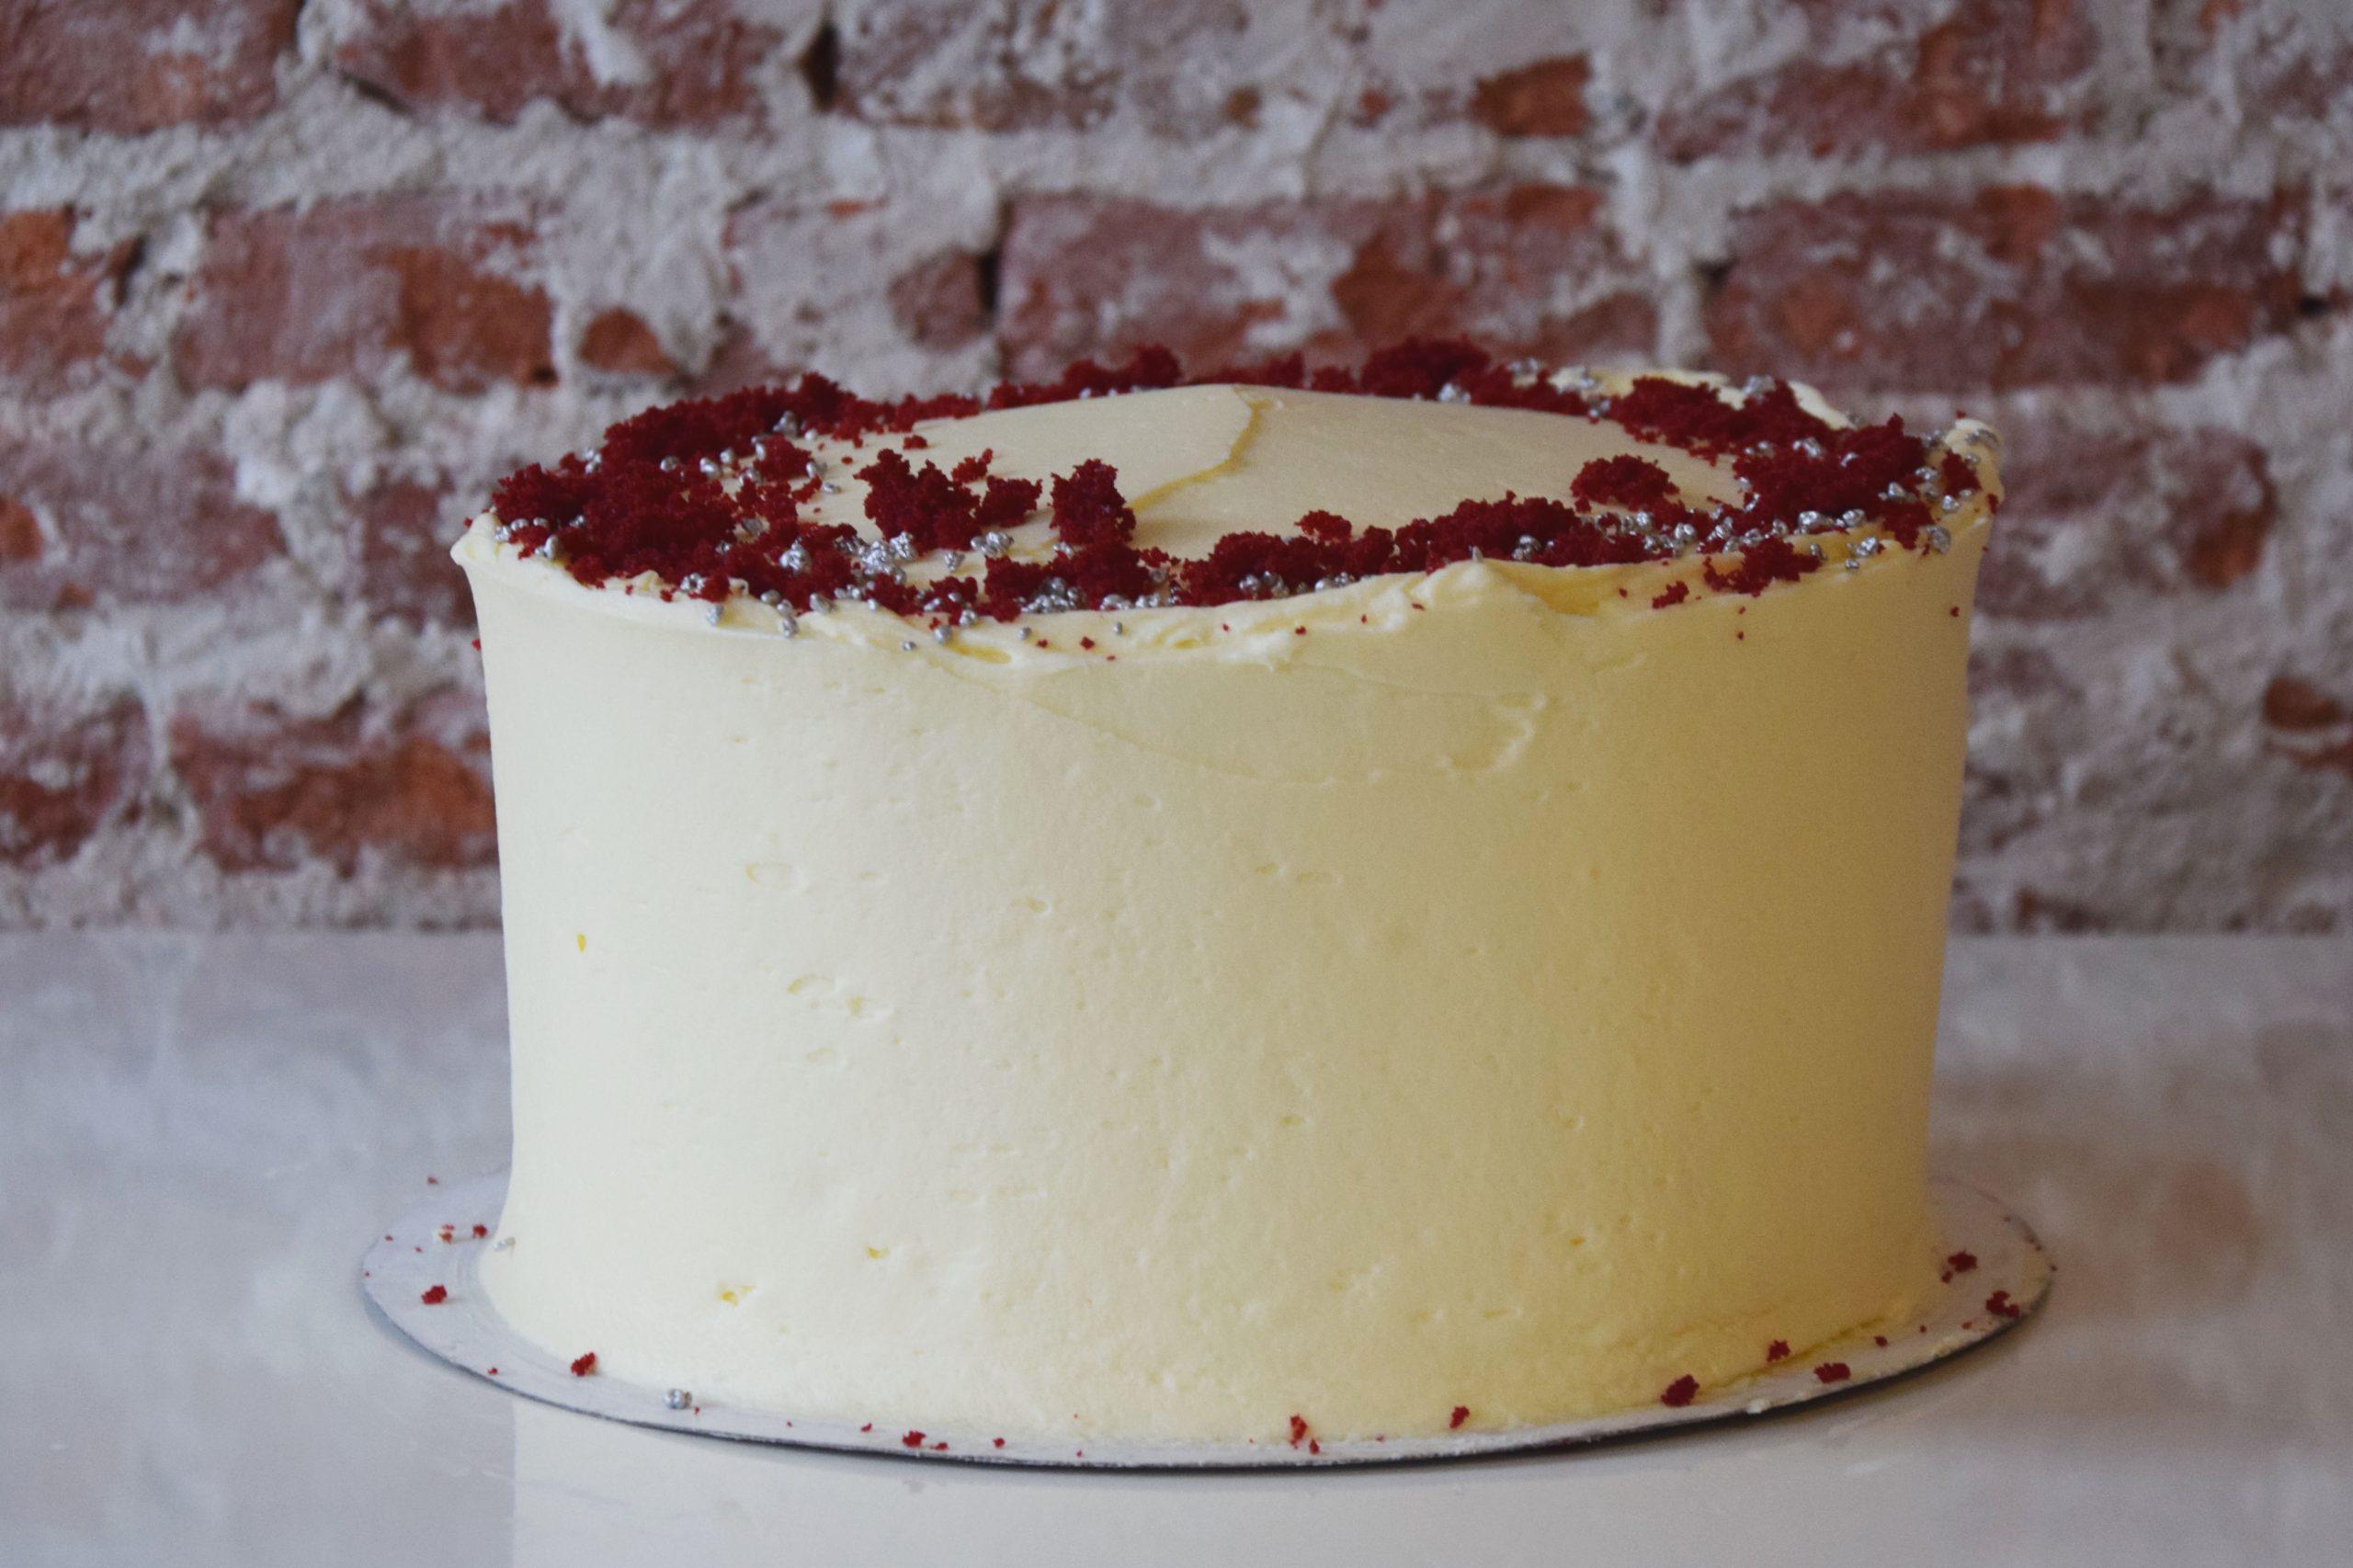 Red Velvet Cake standard decoration